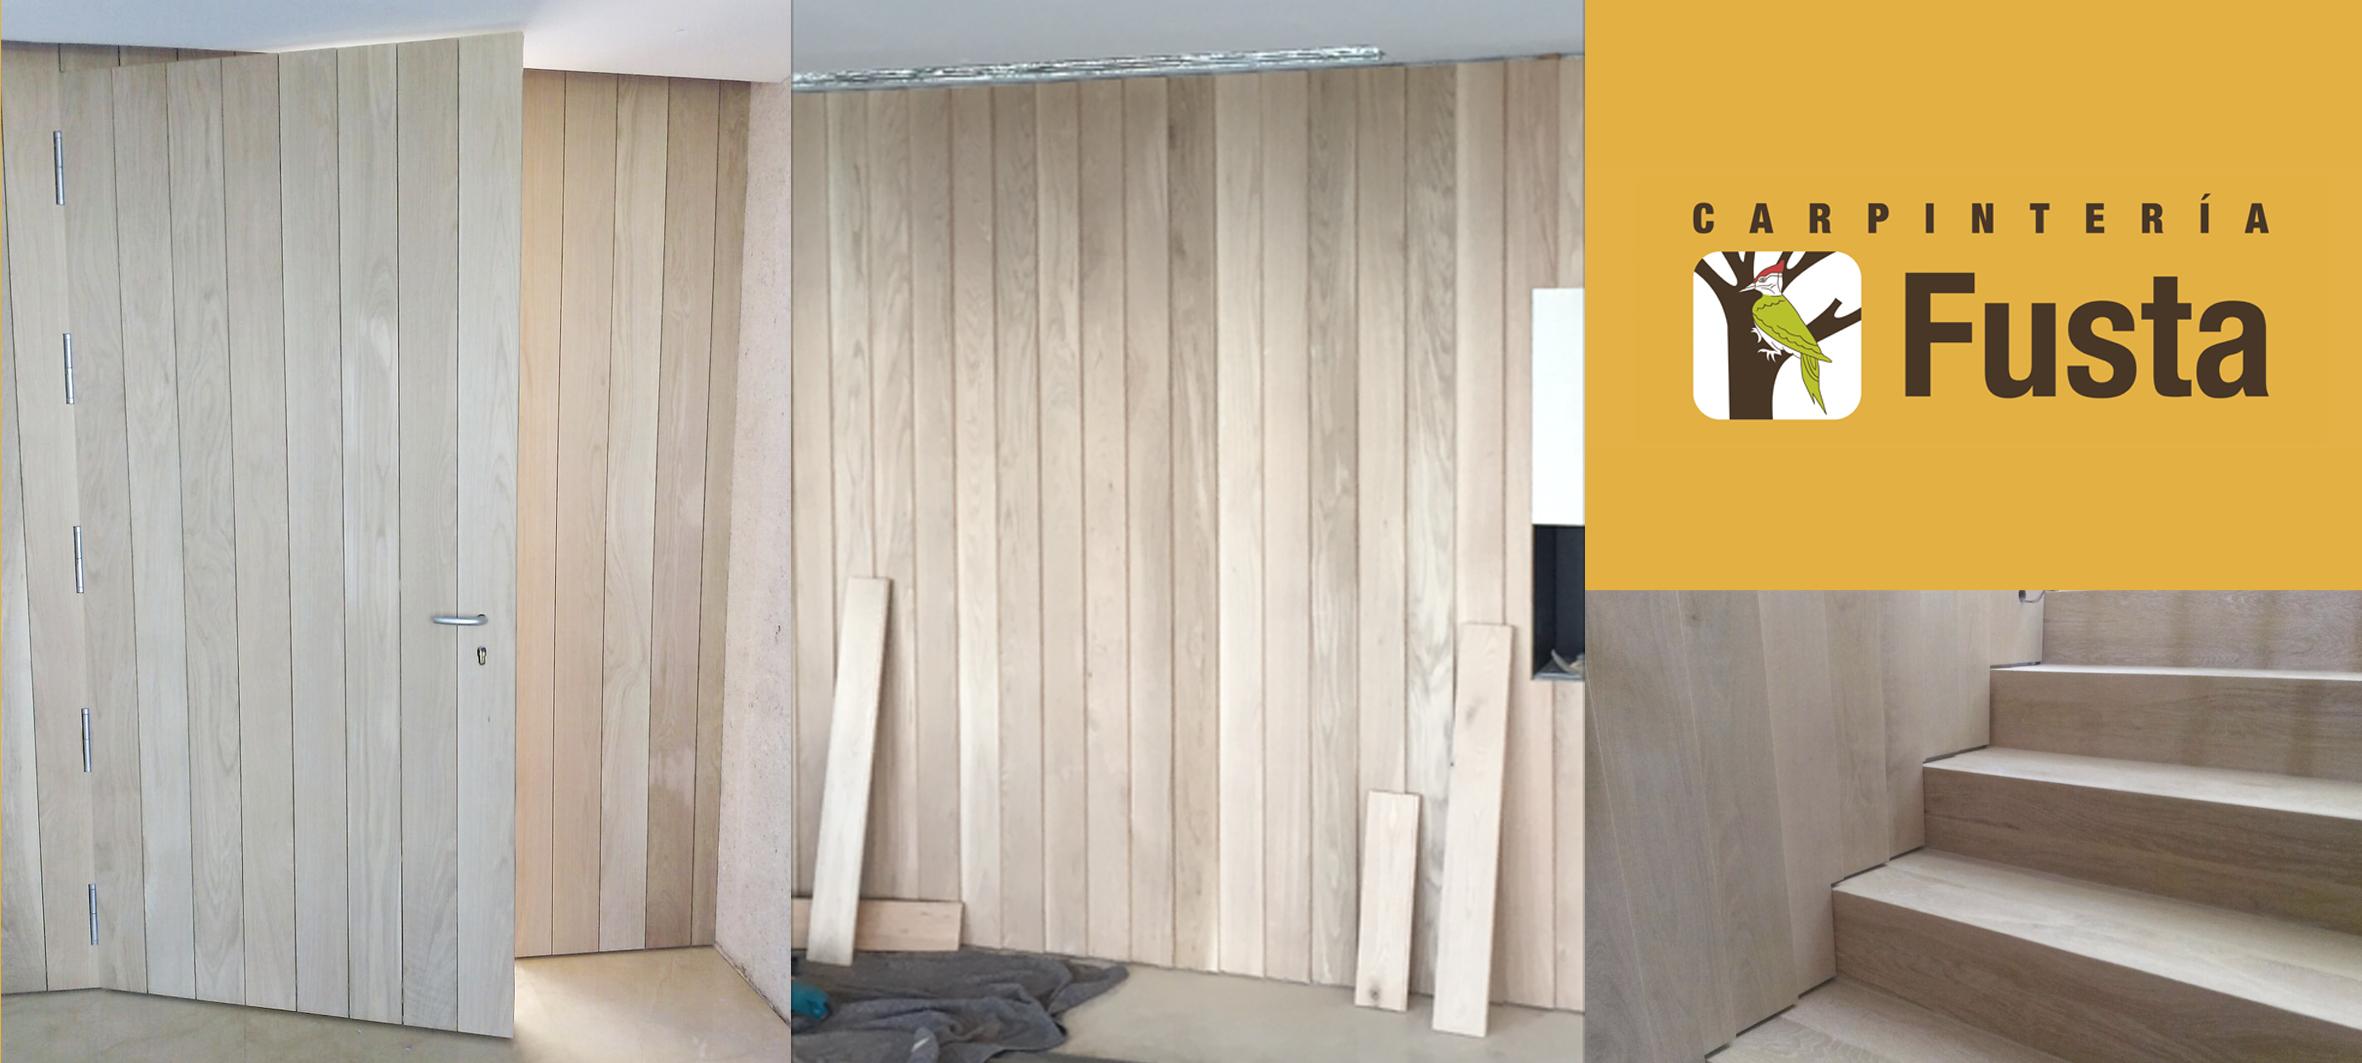 Revestimientos de paredes con paneles de madera carpinteria fusta - Paneles de madera para paredes interiores ...